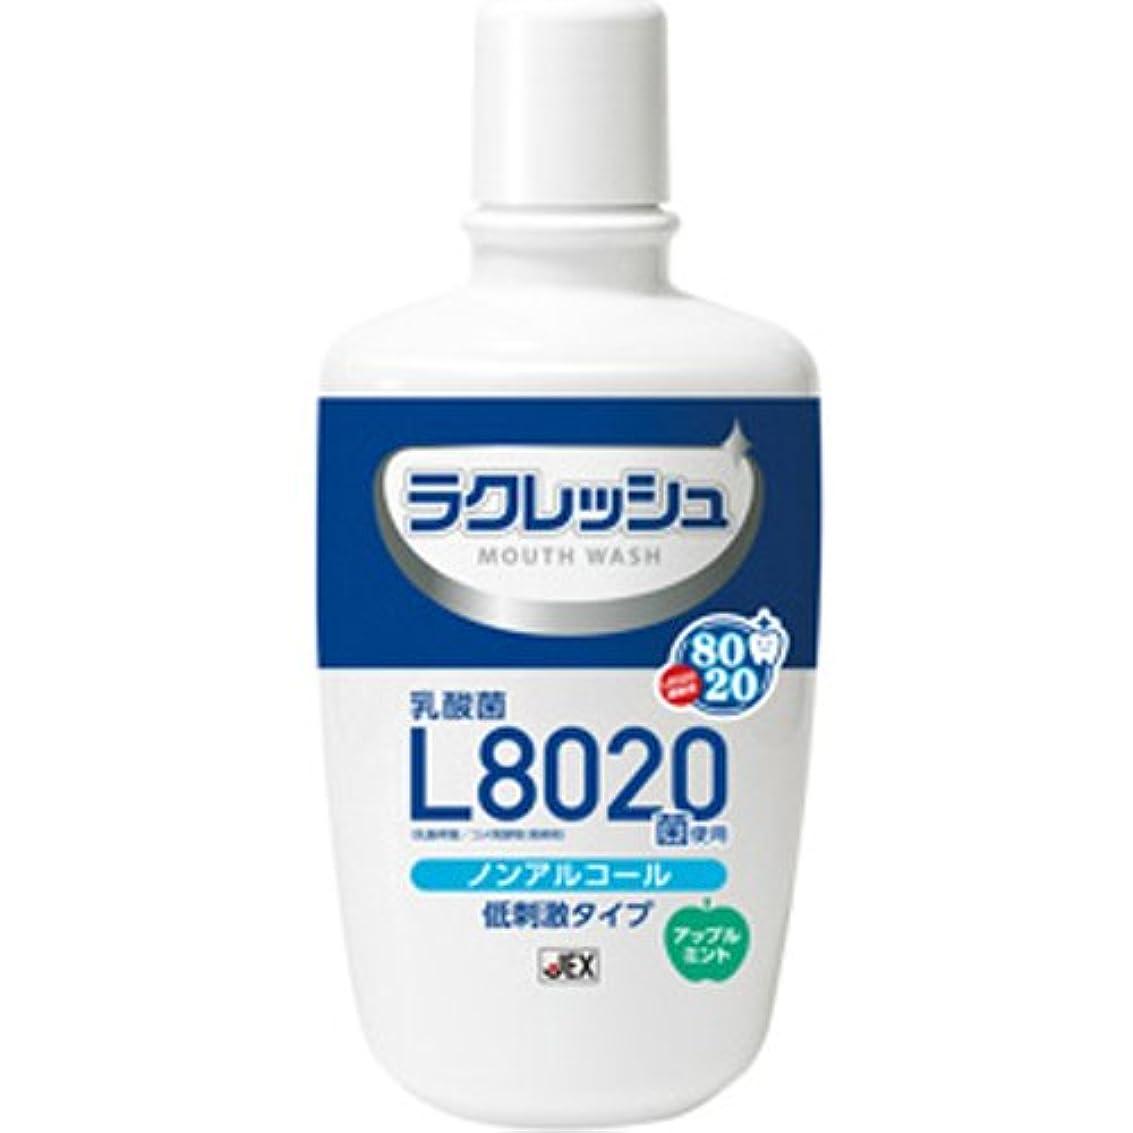 誇大妄想いう農民ラクレッシュ L8020菌入 マウスウォッシュ × 5個セット